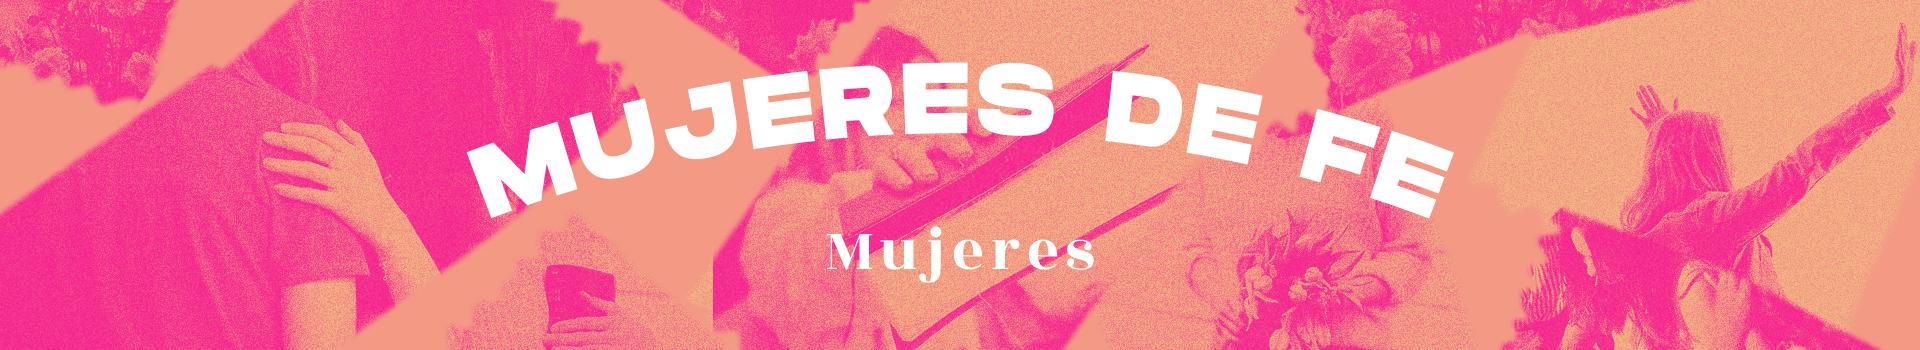 06_mujeres